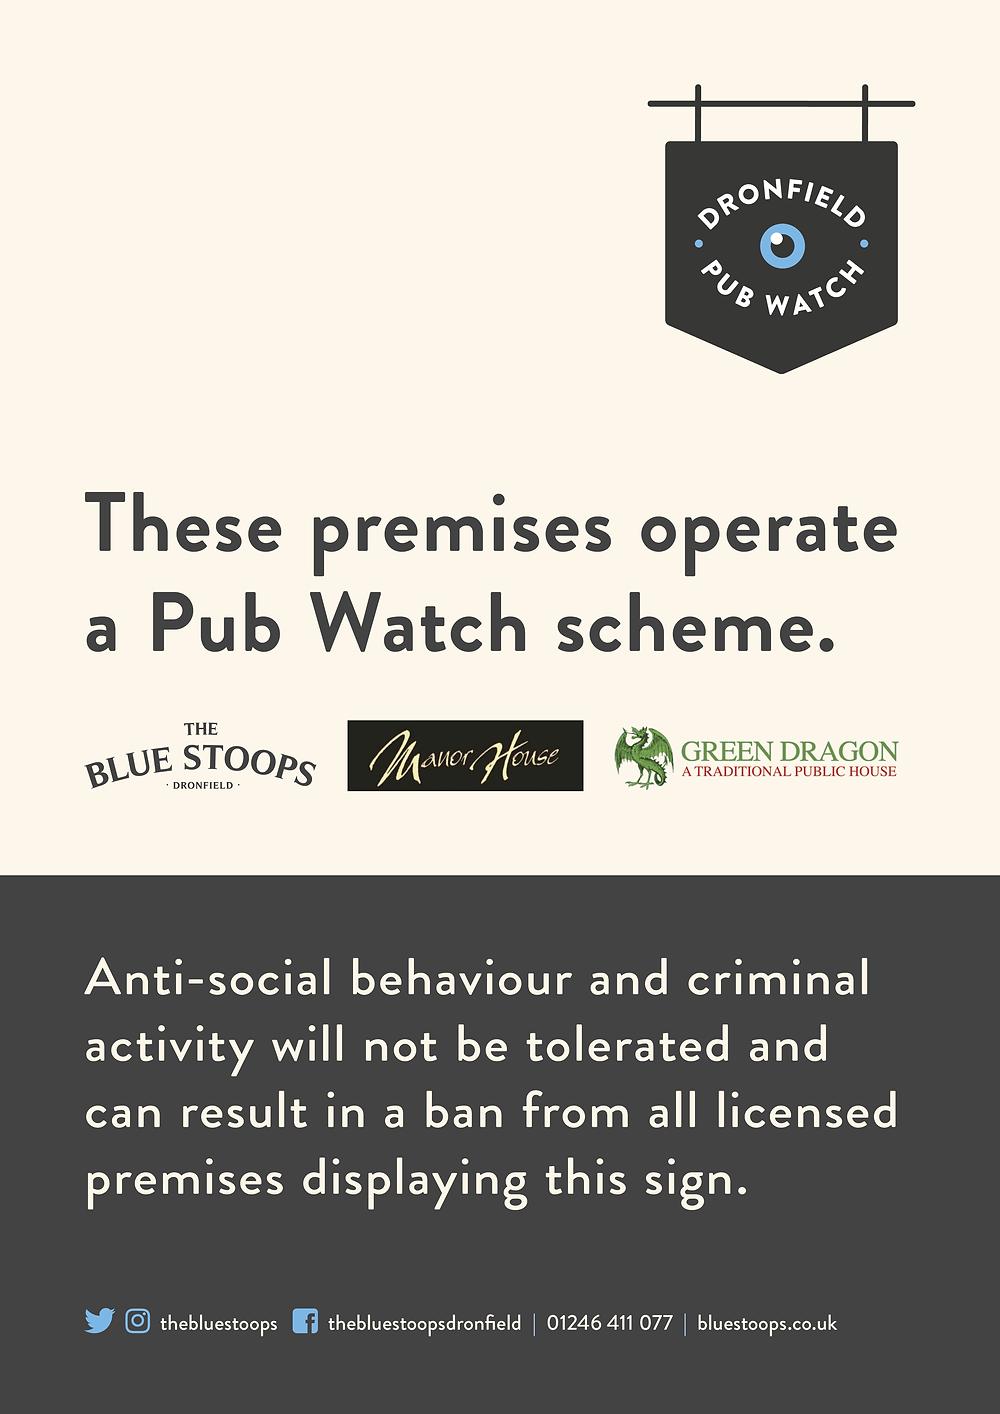 Dronfield Pub watch scheme